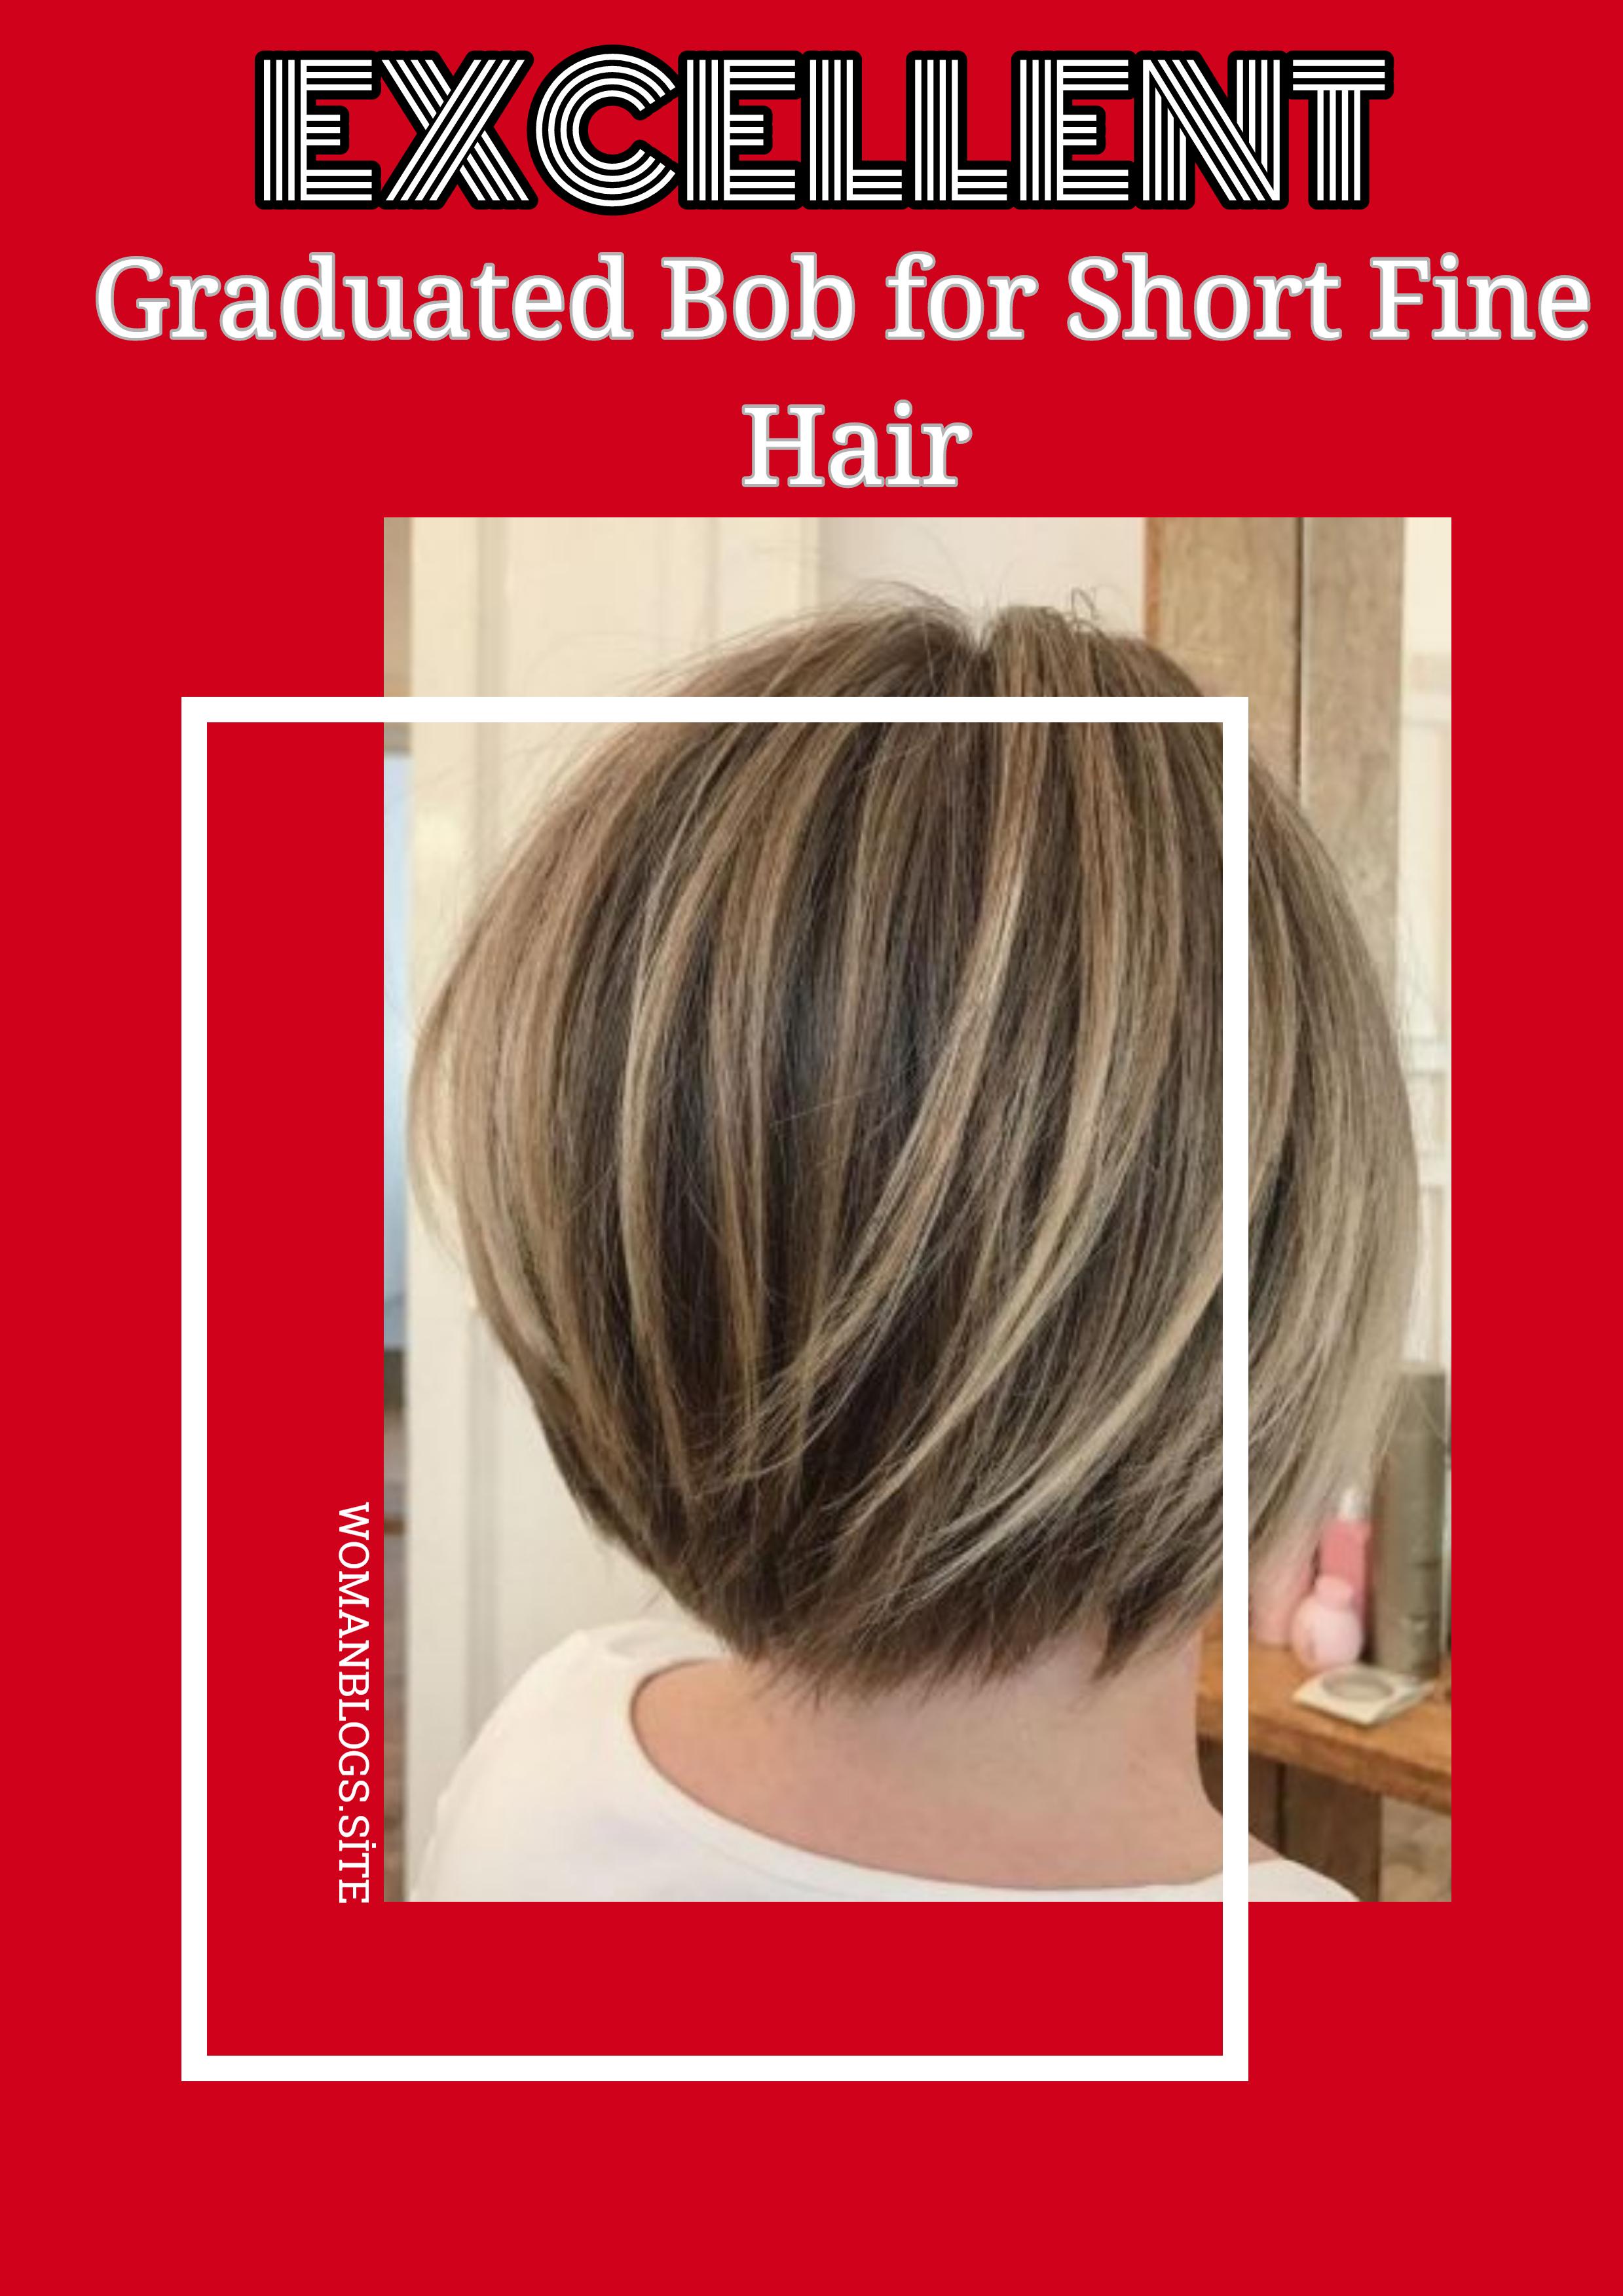 44++ Graduated bob haircuts for fine thin hair ideas in 2021